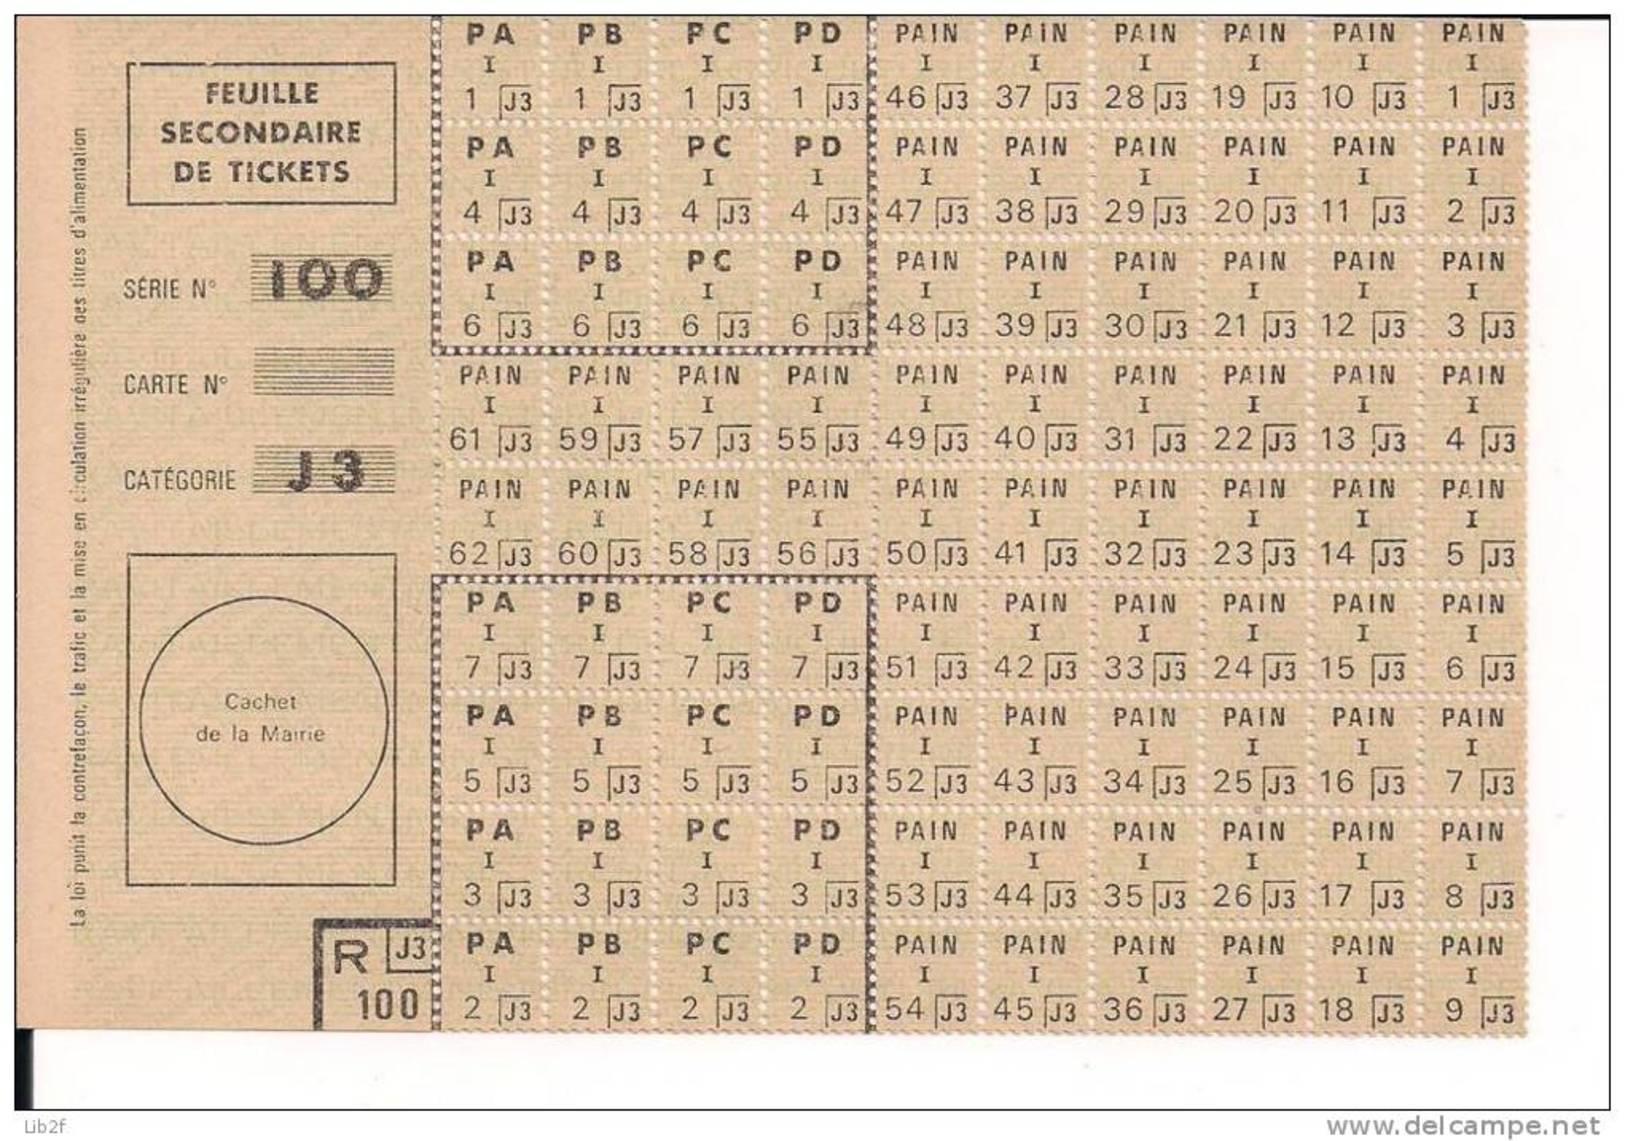 Seconde Guerre Mondiale Collaboration Rationnement Feuille De Ticket J3 Ww2 WWII 39-45 2wk 1939-1945 - 1939-45